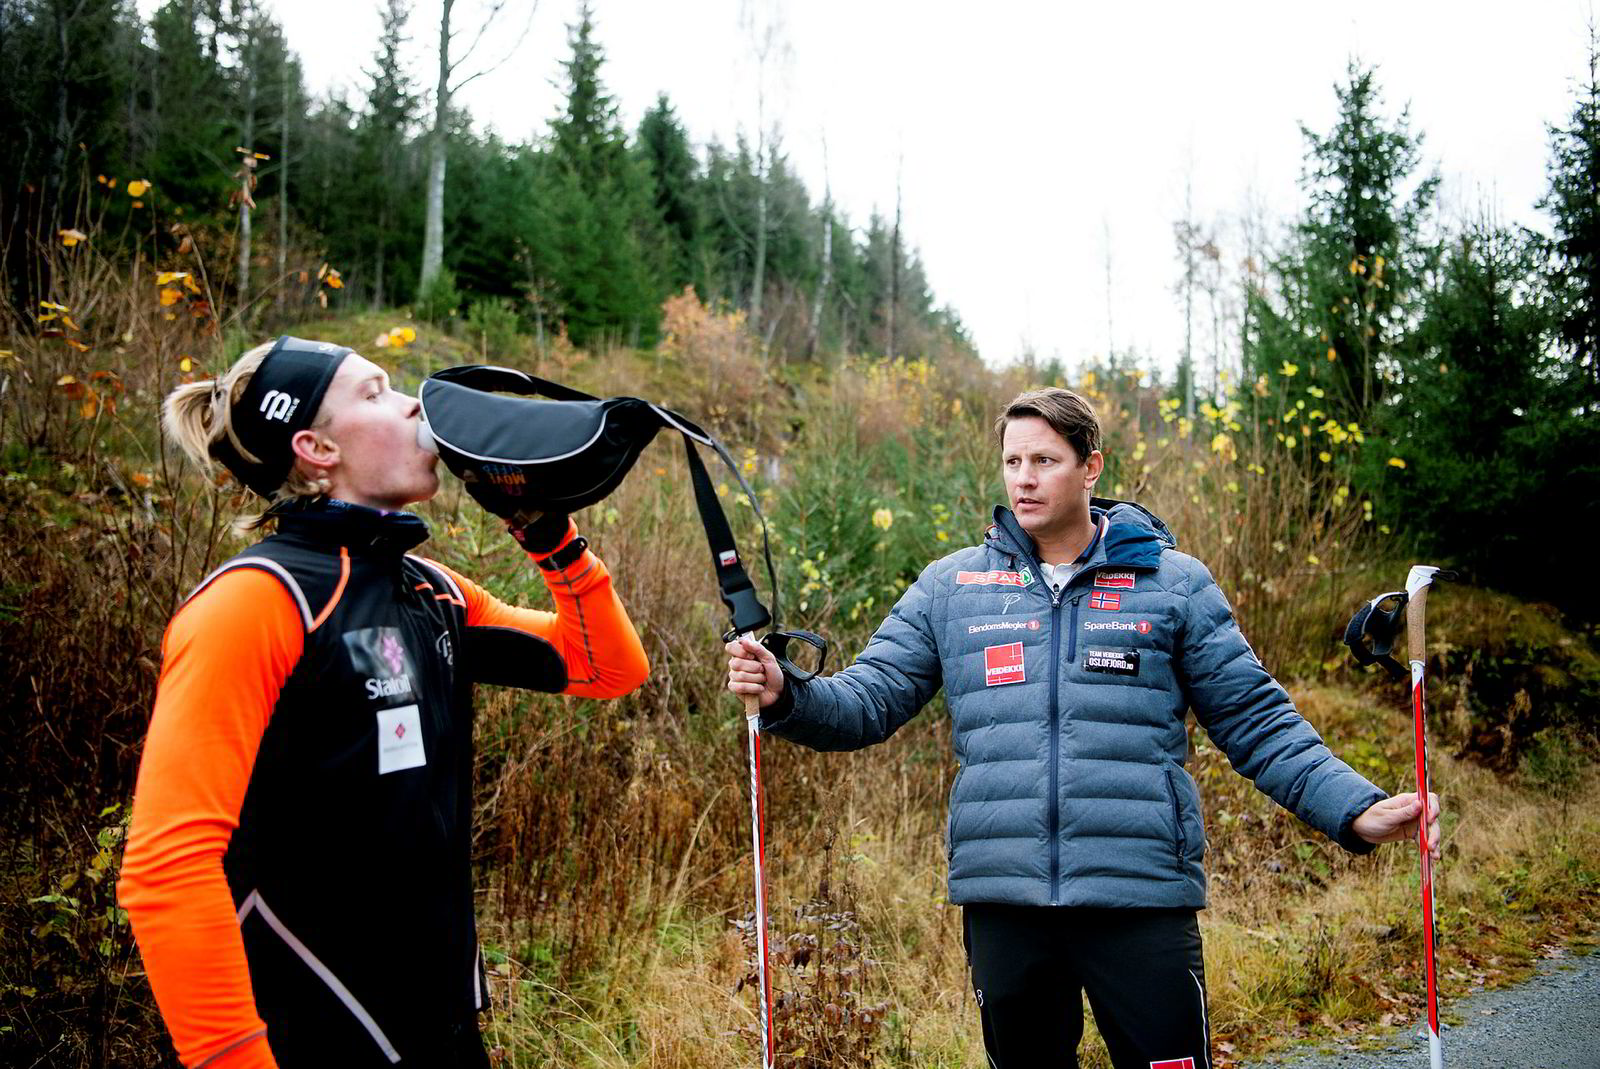 Lars Christian Aabol har vært trener for Vebjørn Hegdal i flere år. Sammen kjører de et opplegg som går utover normalen i Ski-Norge.